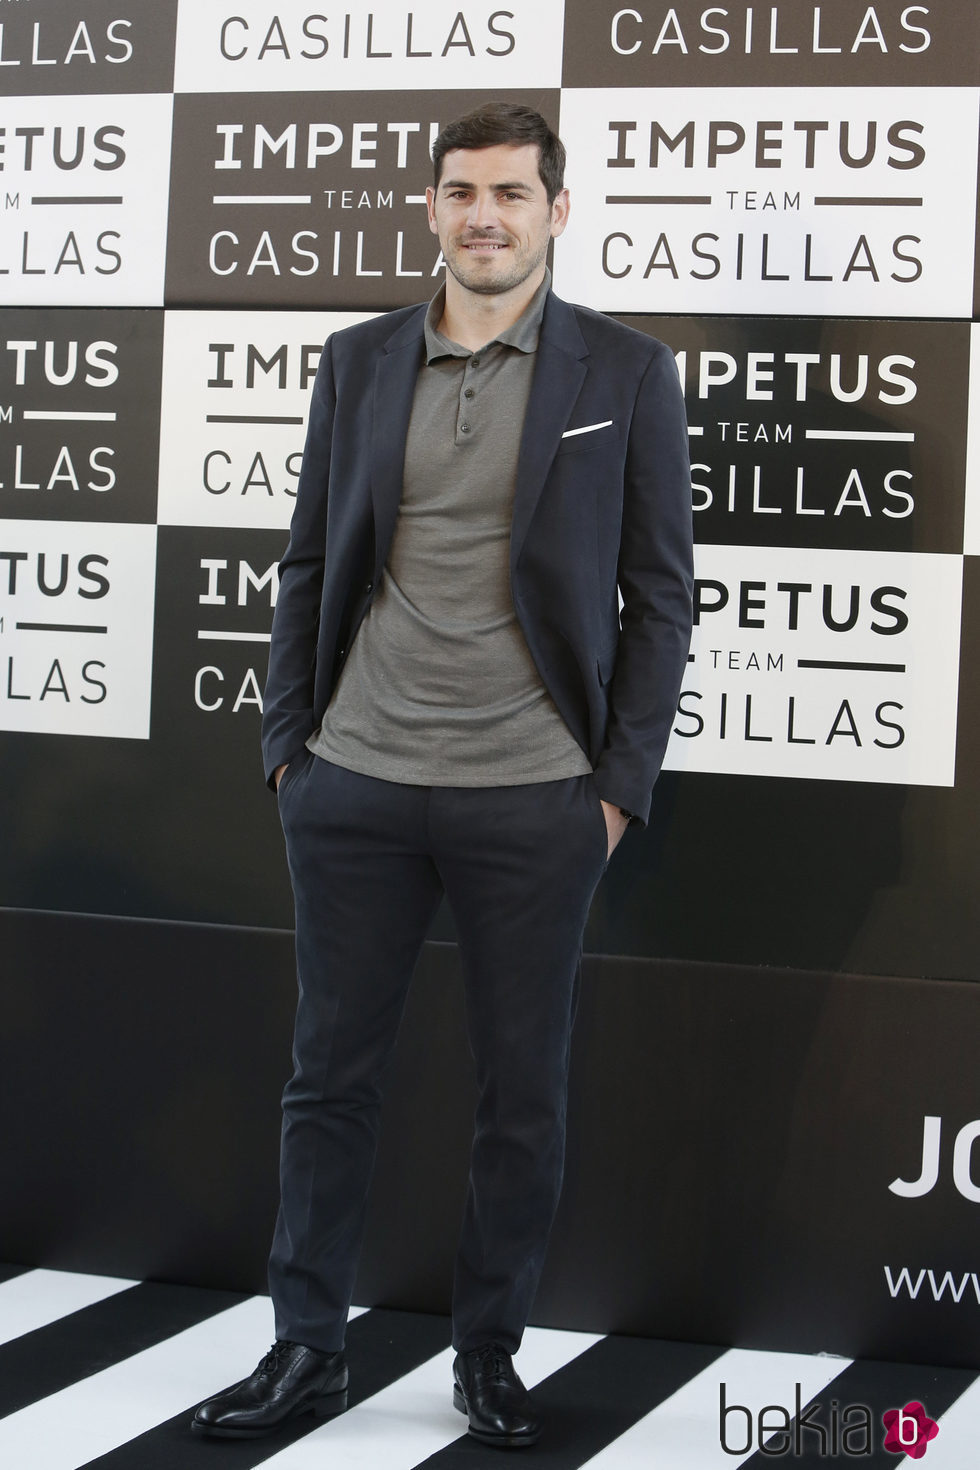 Iker Casillas posando como embajador de la ropa interior Impetus